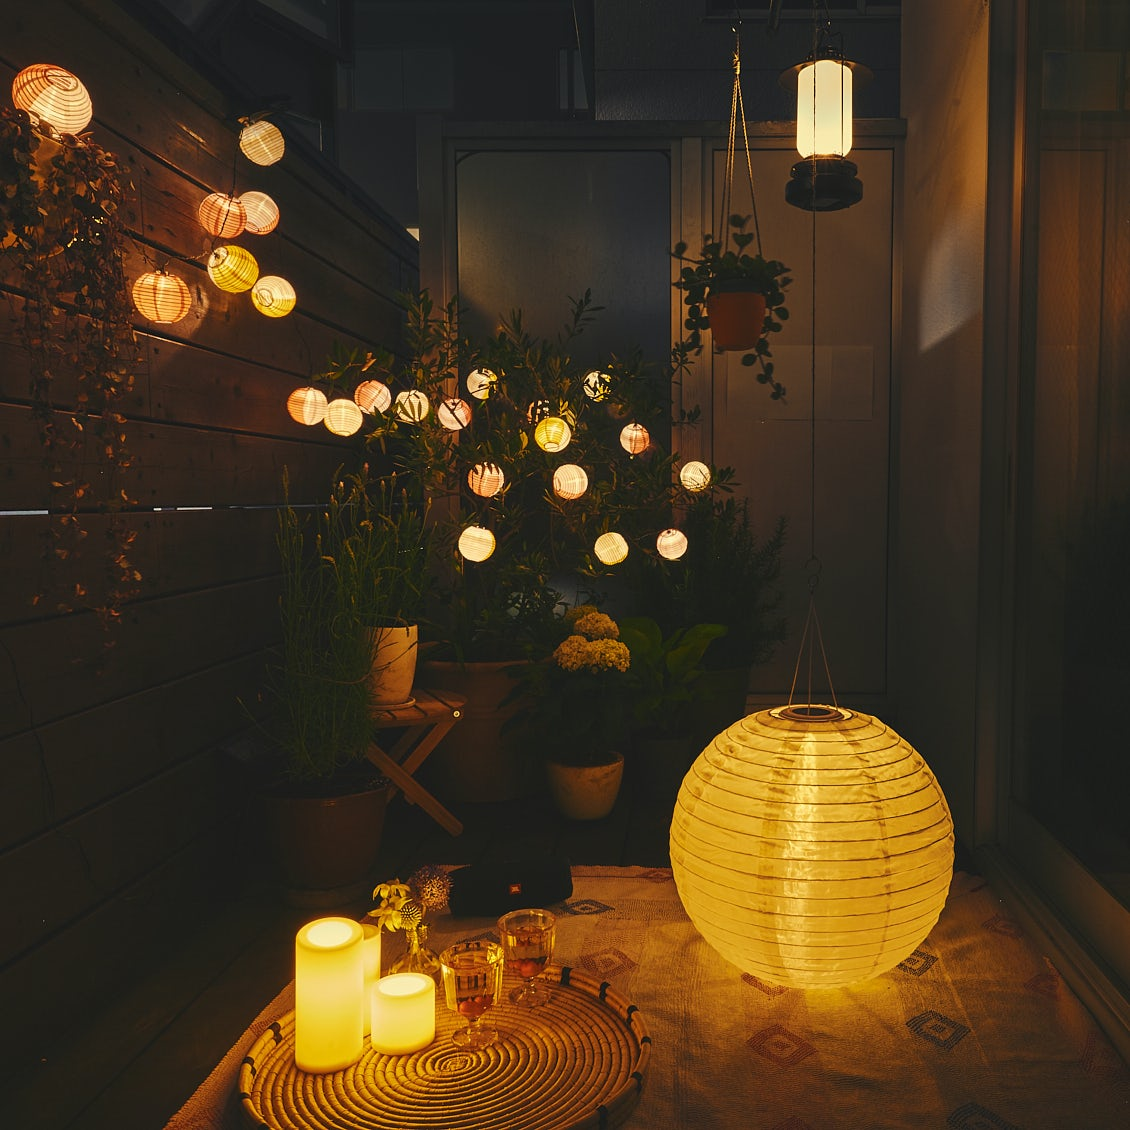 【部屋のようにベランダで】第3話:3つの照明で幻想的な夜を。IKEAで揃えるベランダ夜景のたのしみ方